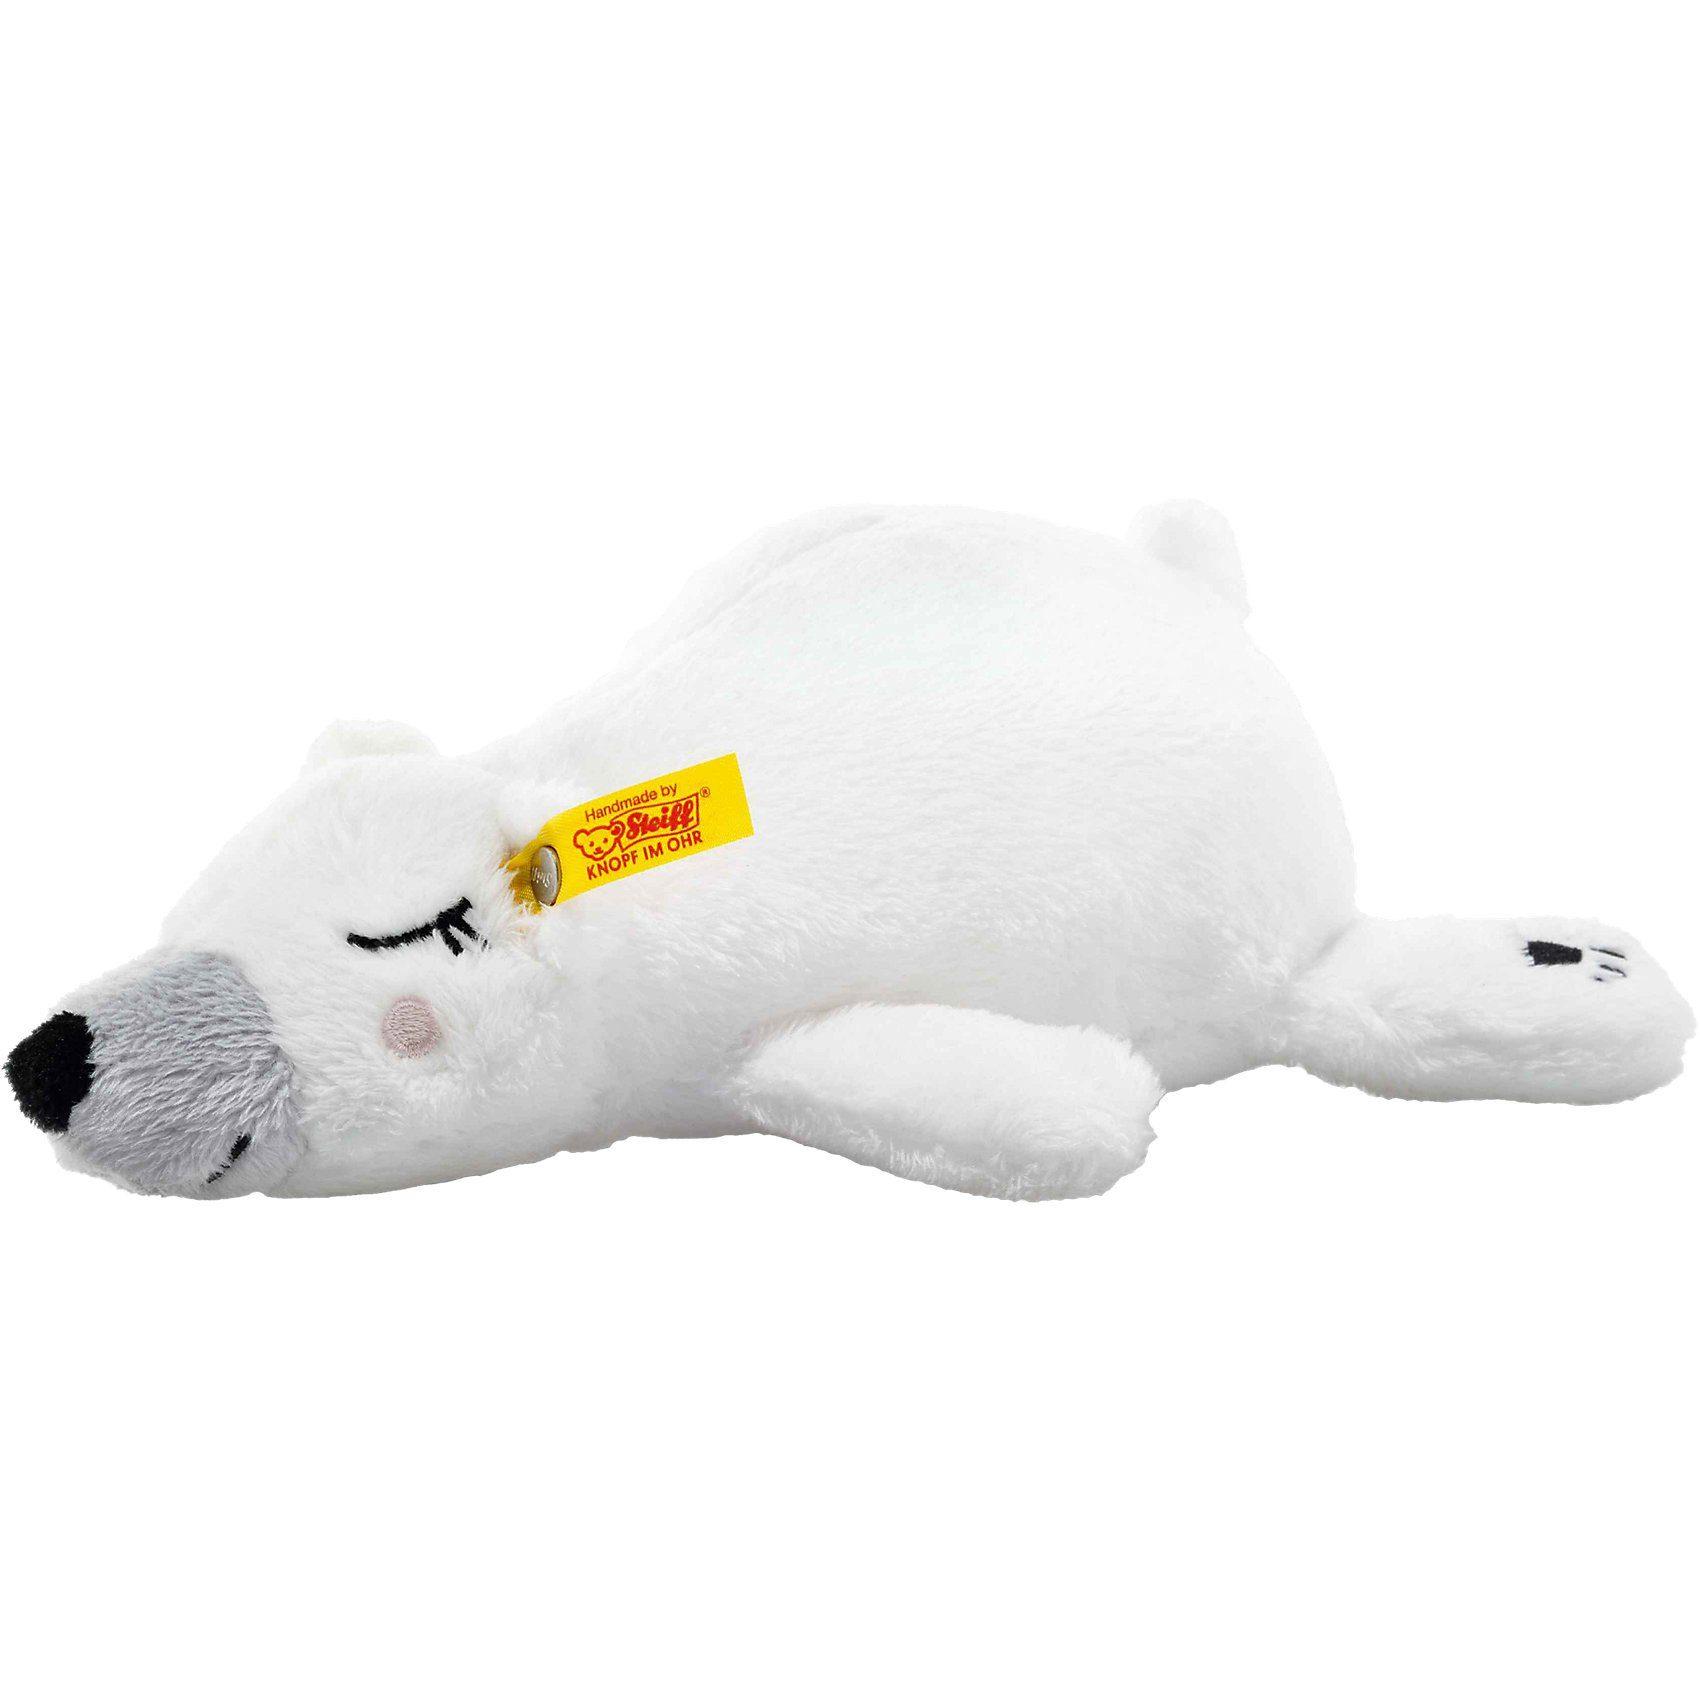 Steiff Eisbär Iggy weiss liegend, 20 cm